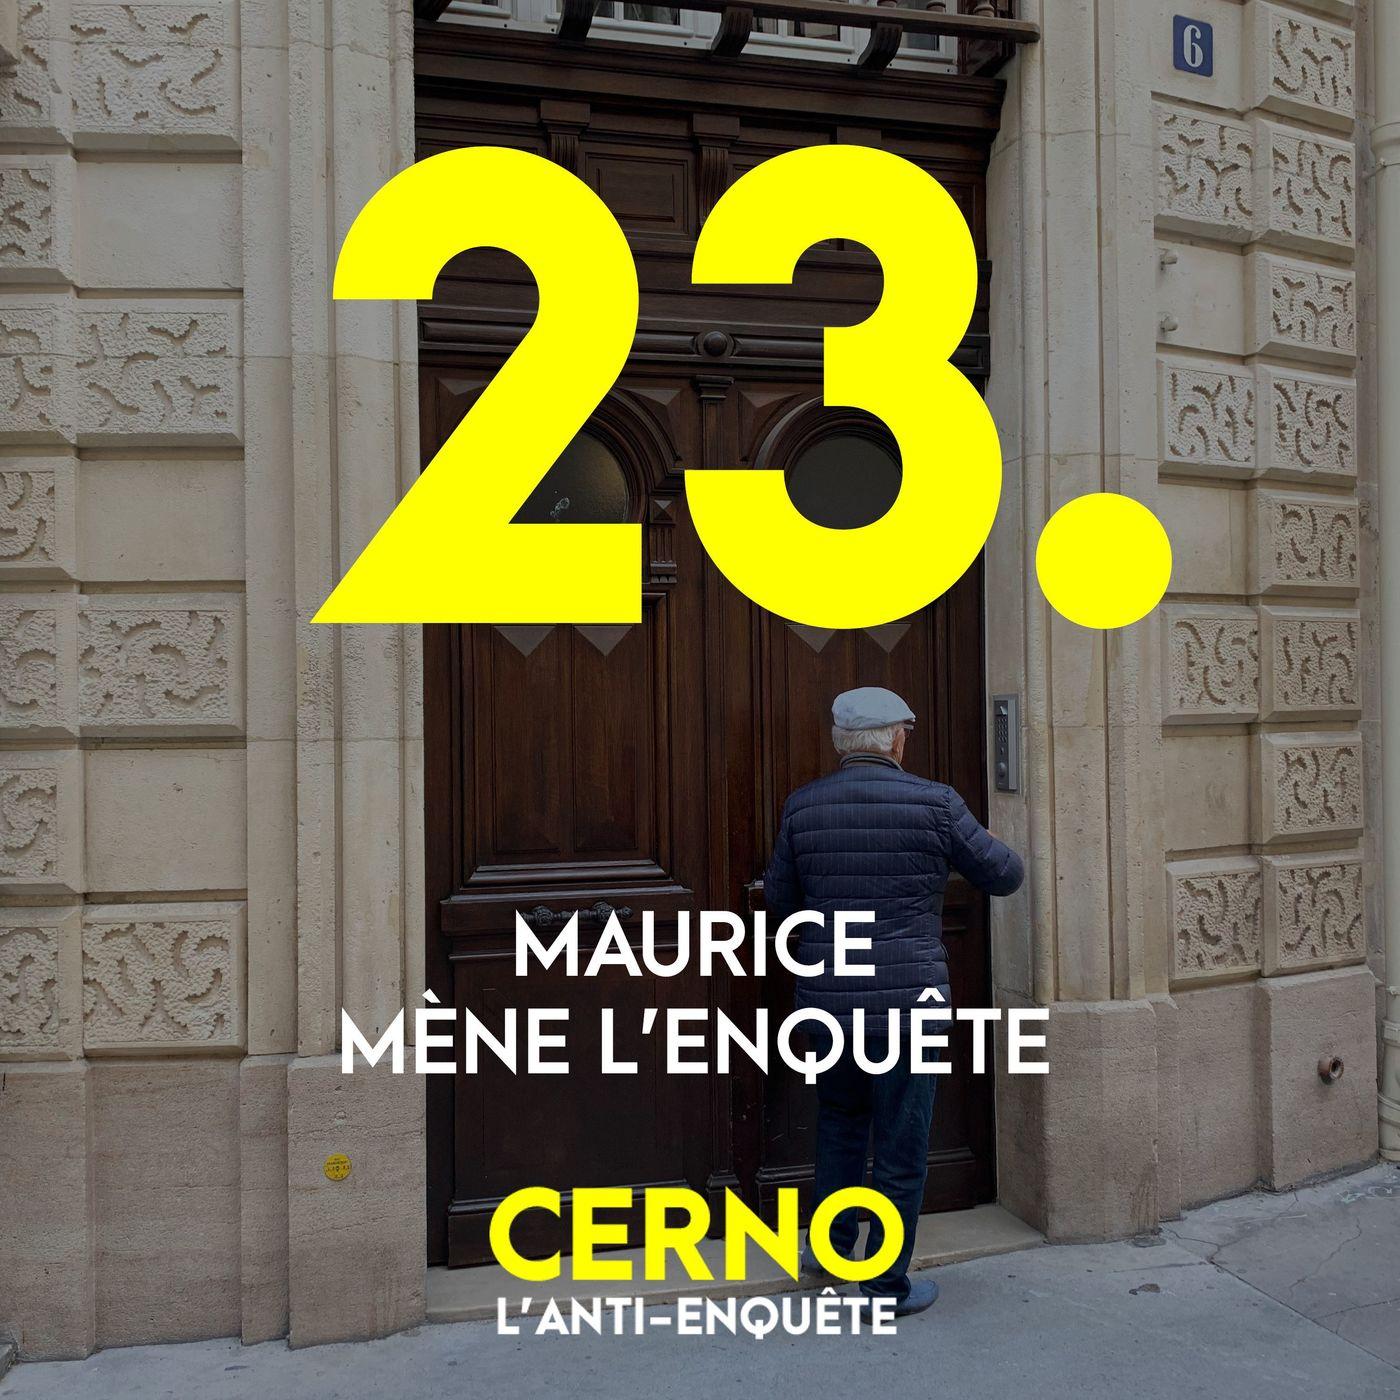 Episode 23 : Maurice mène l'enquête